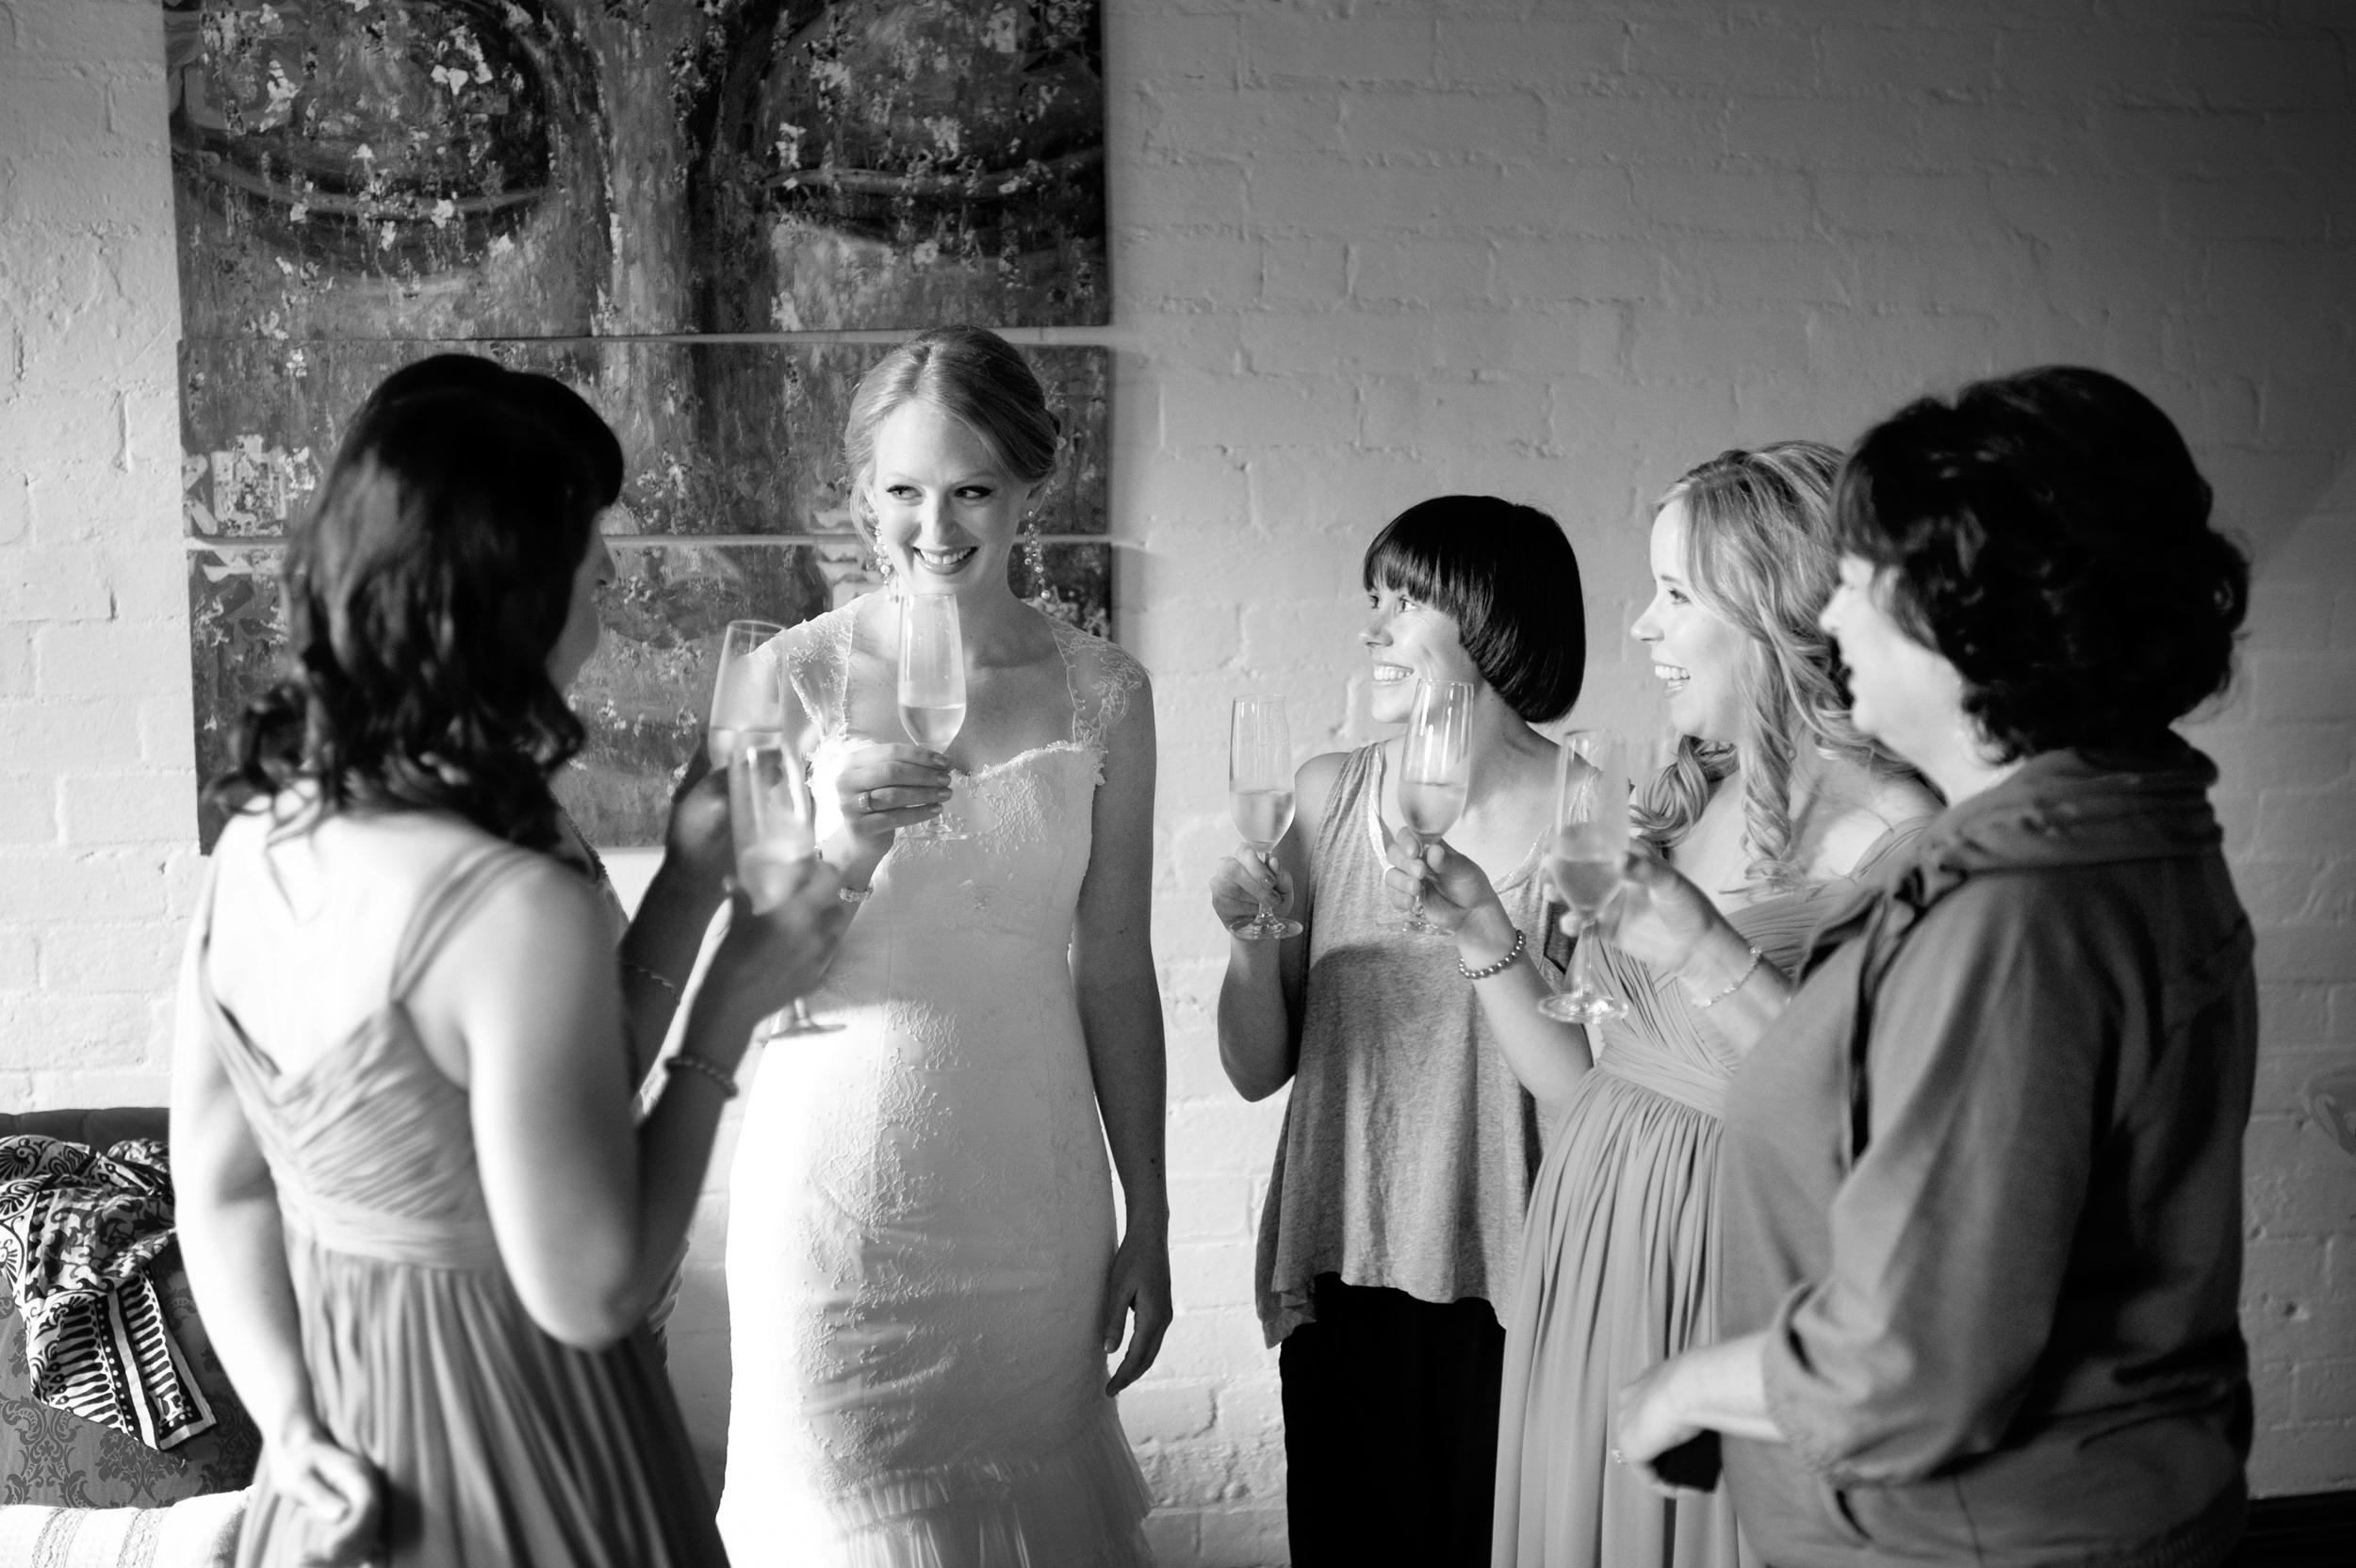 euroa_butter_factory_wedding_photography_52.jpg